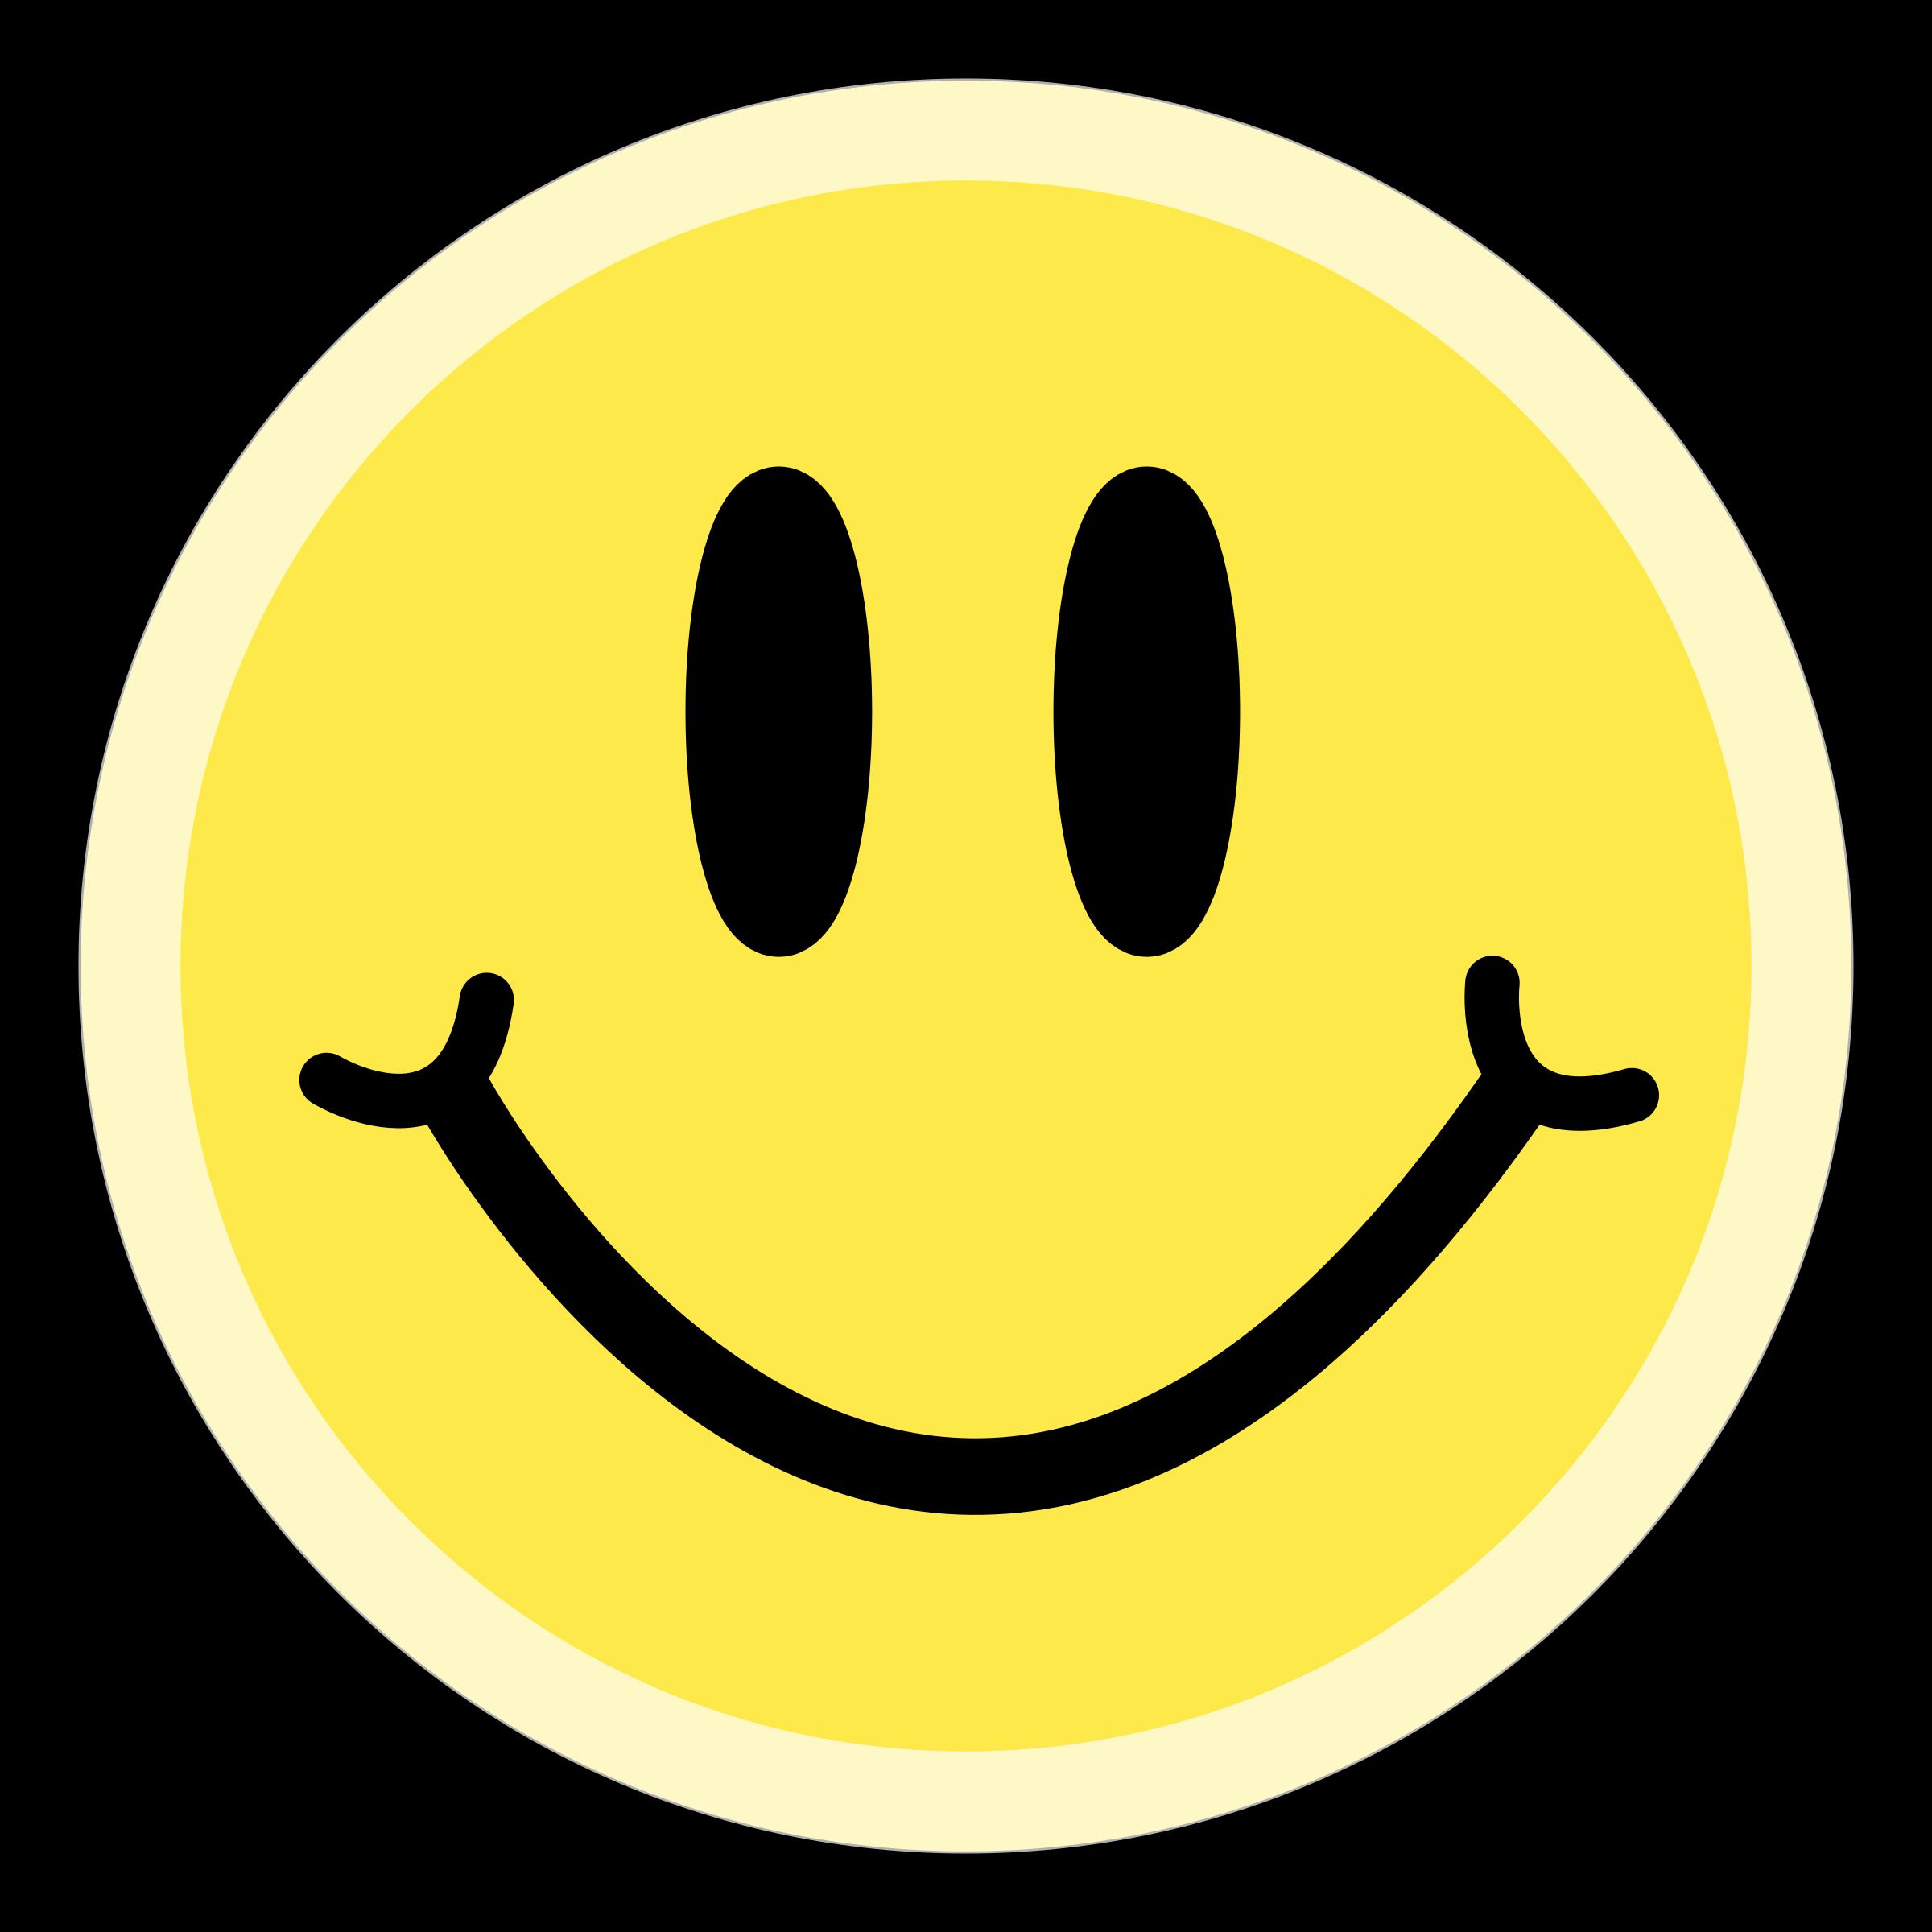 Smiley Looking Happy PNG Image Emoticon, Smiley face